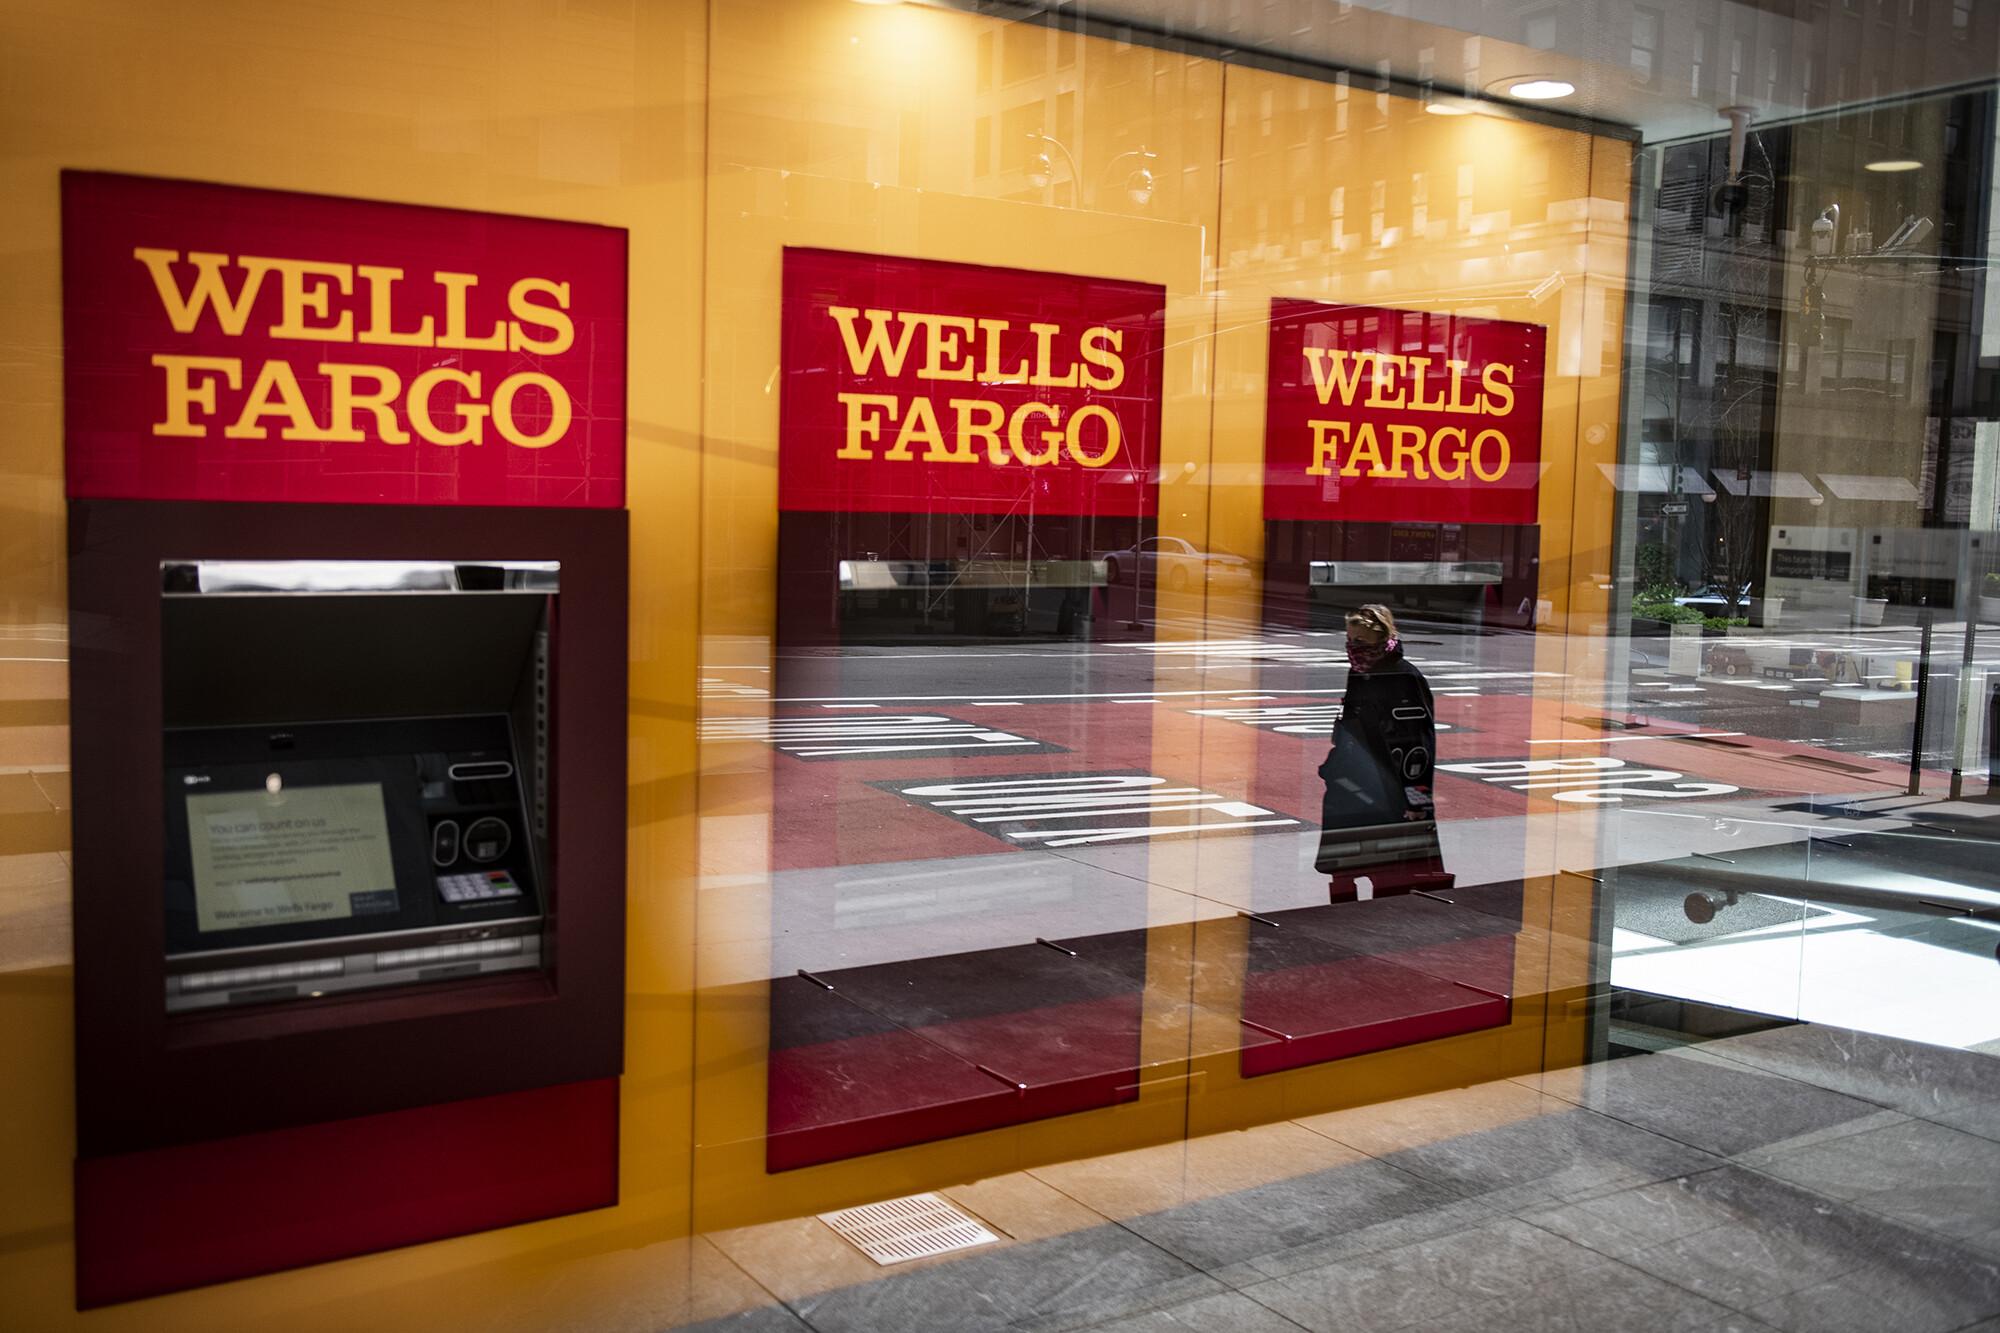 American regulators to Wells Fargo: This is unacceptable